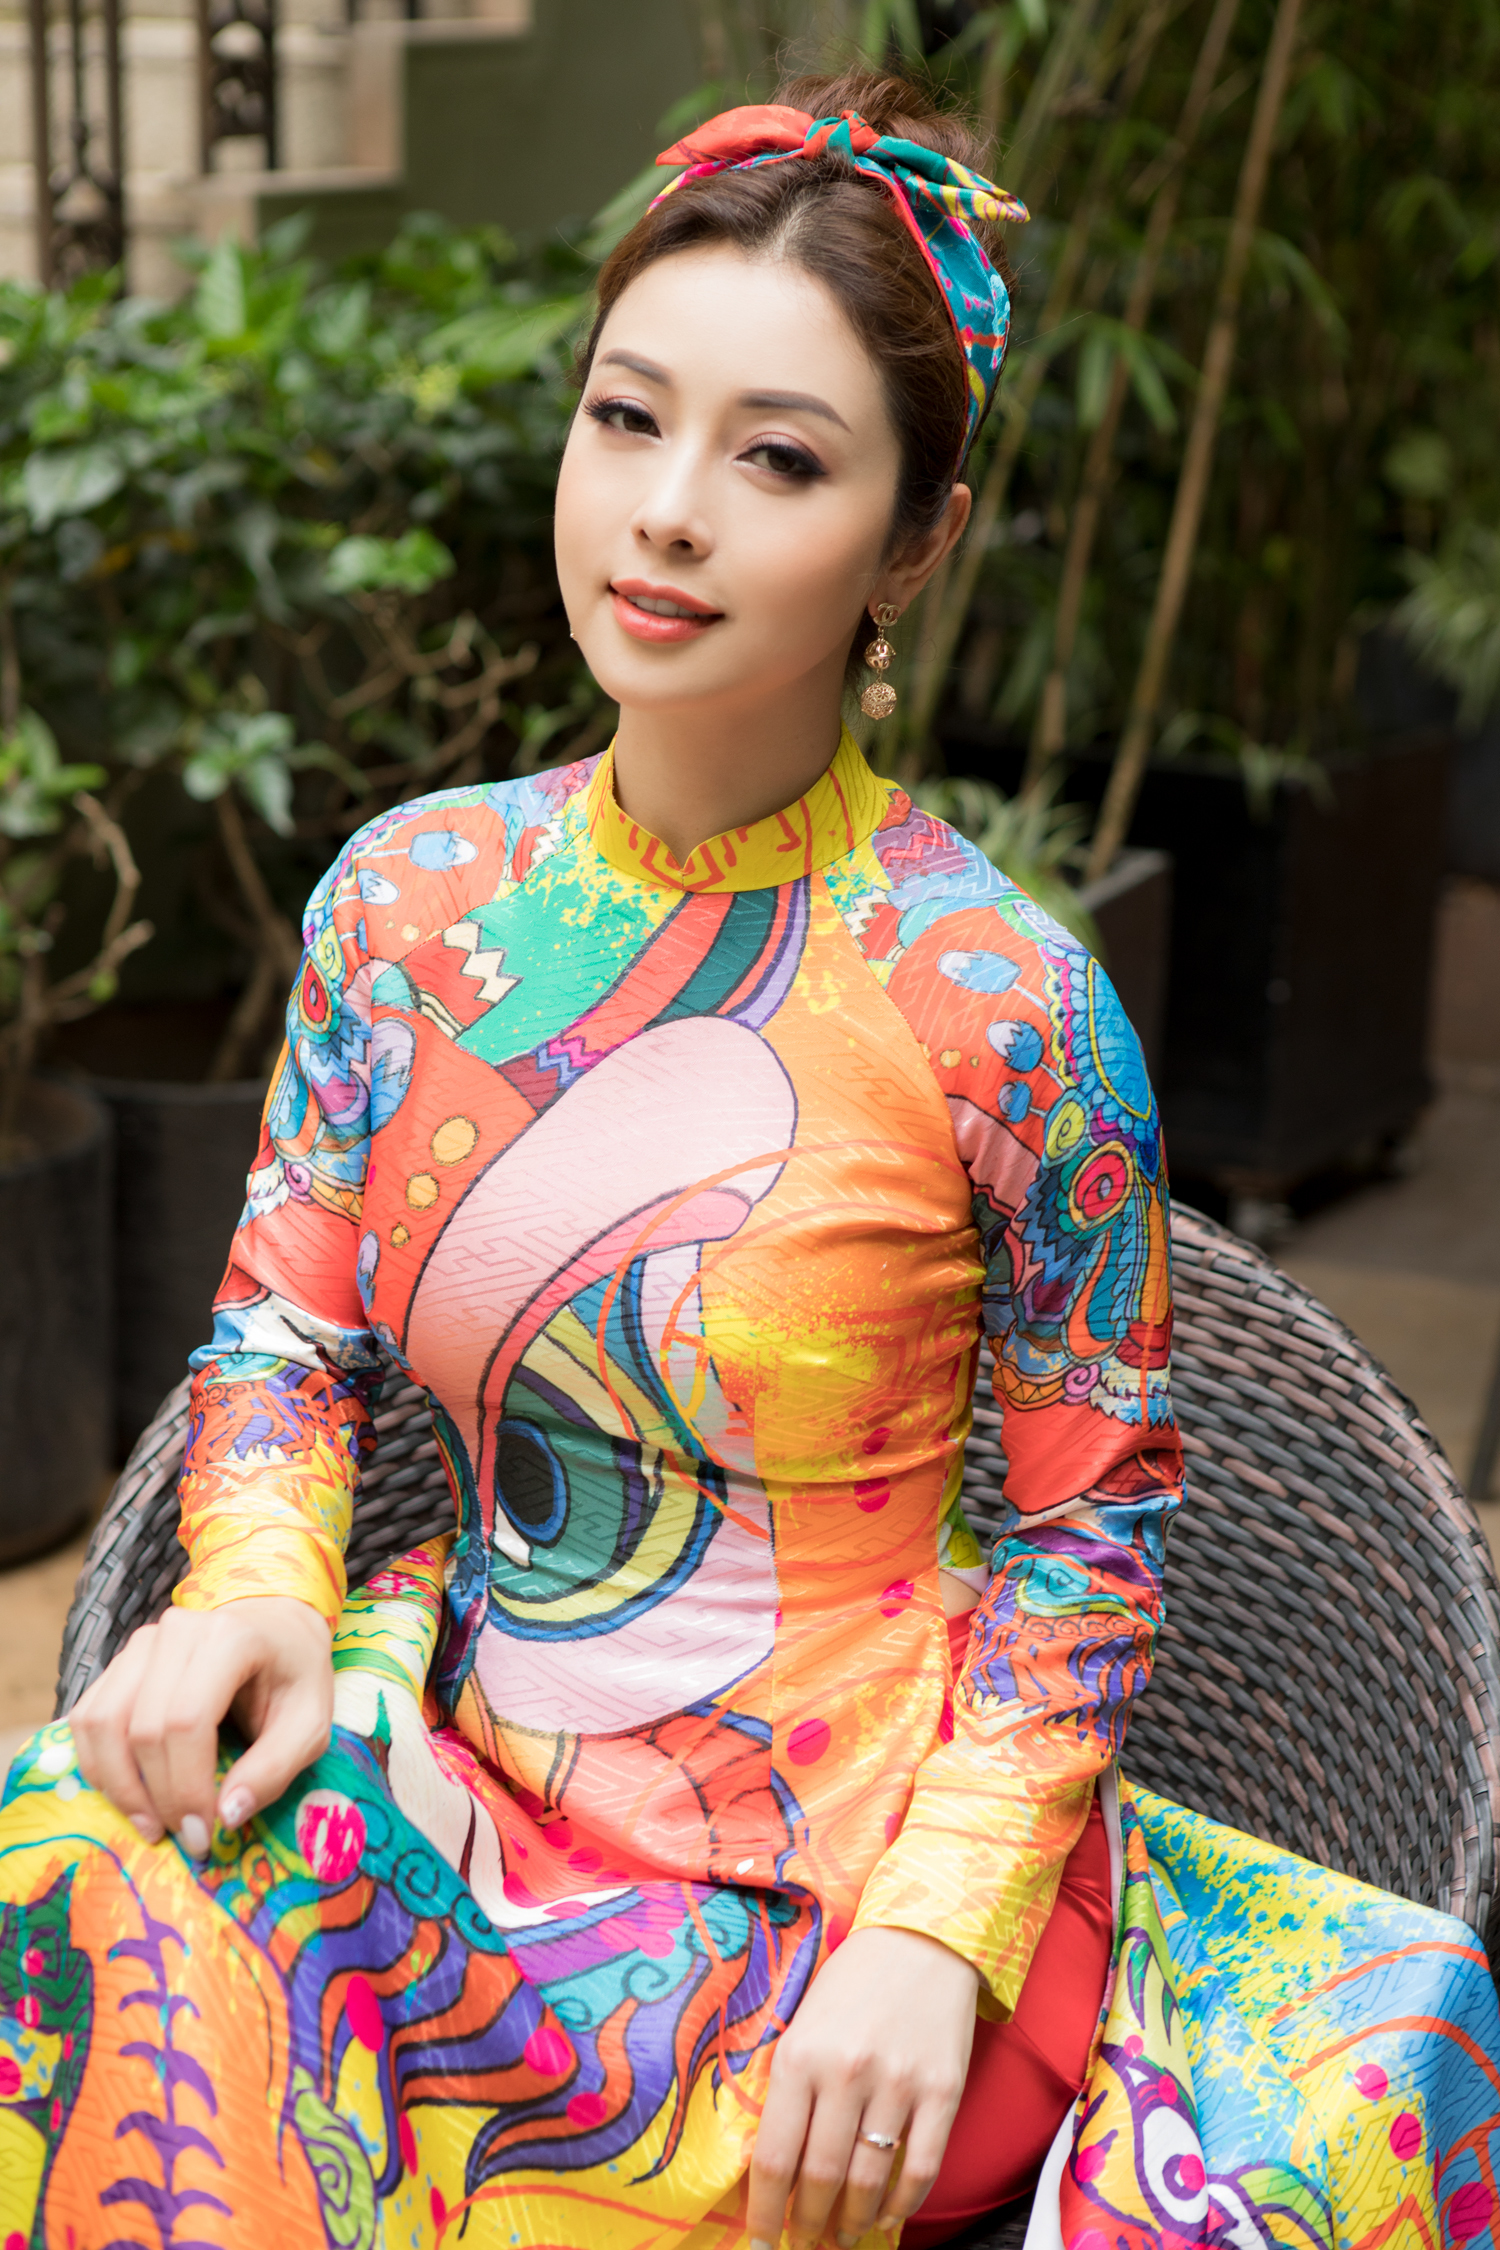 Mới đây, hoa hậu Jennifer Phạm đã có dịp làm MC tại một chương trình diễn ra tại TP HCM.